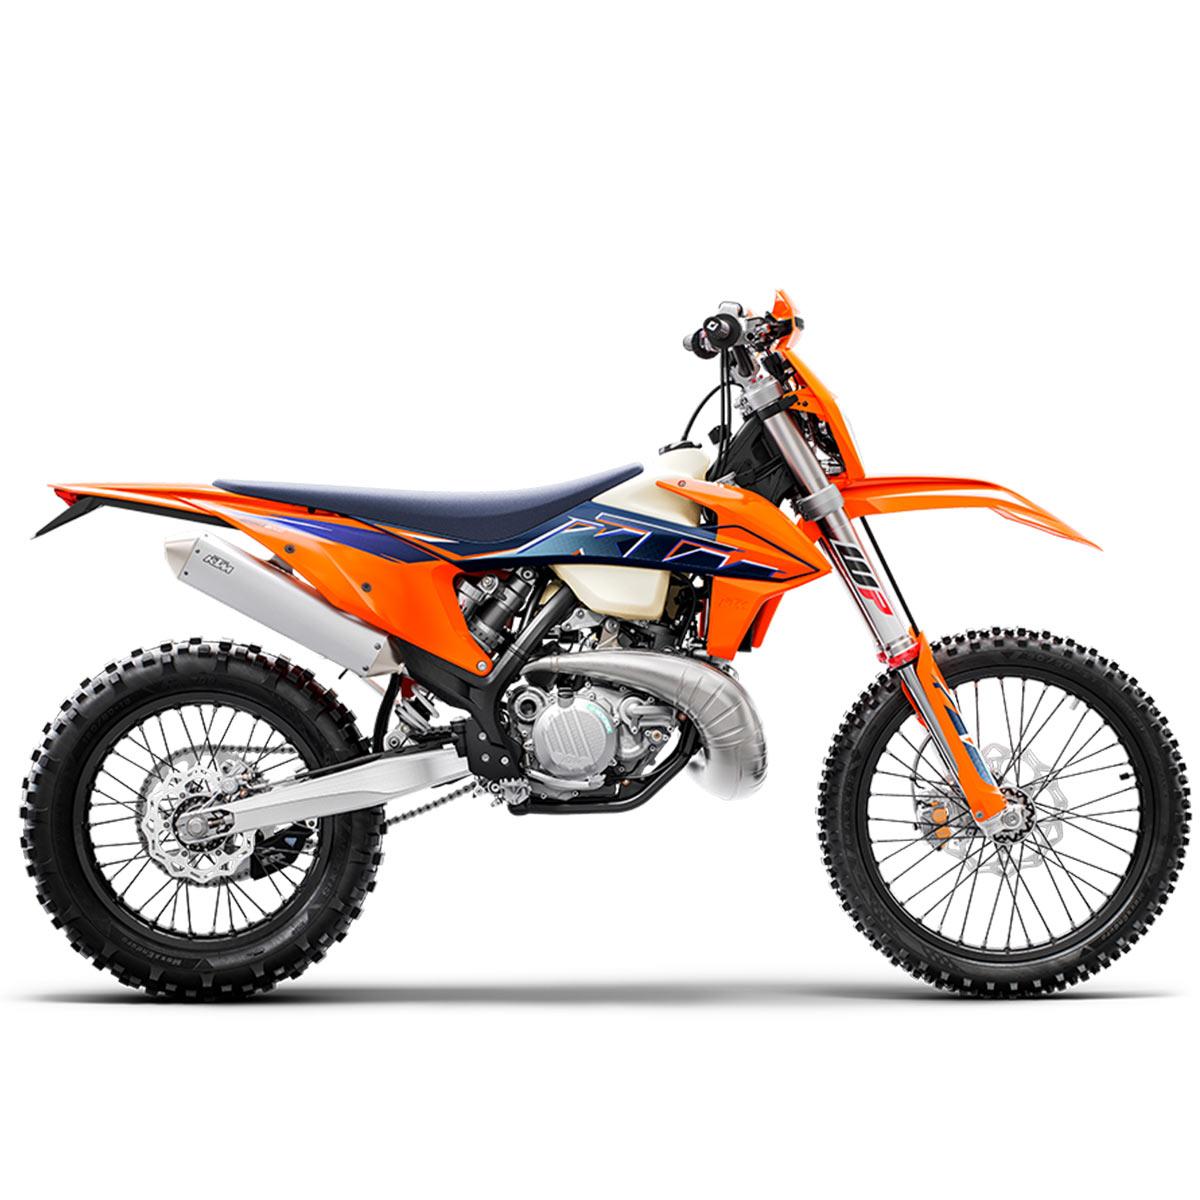 KTM-250-EXC-TPI